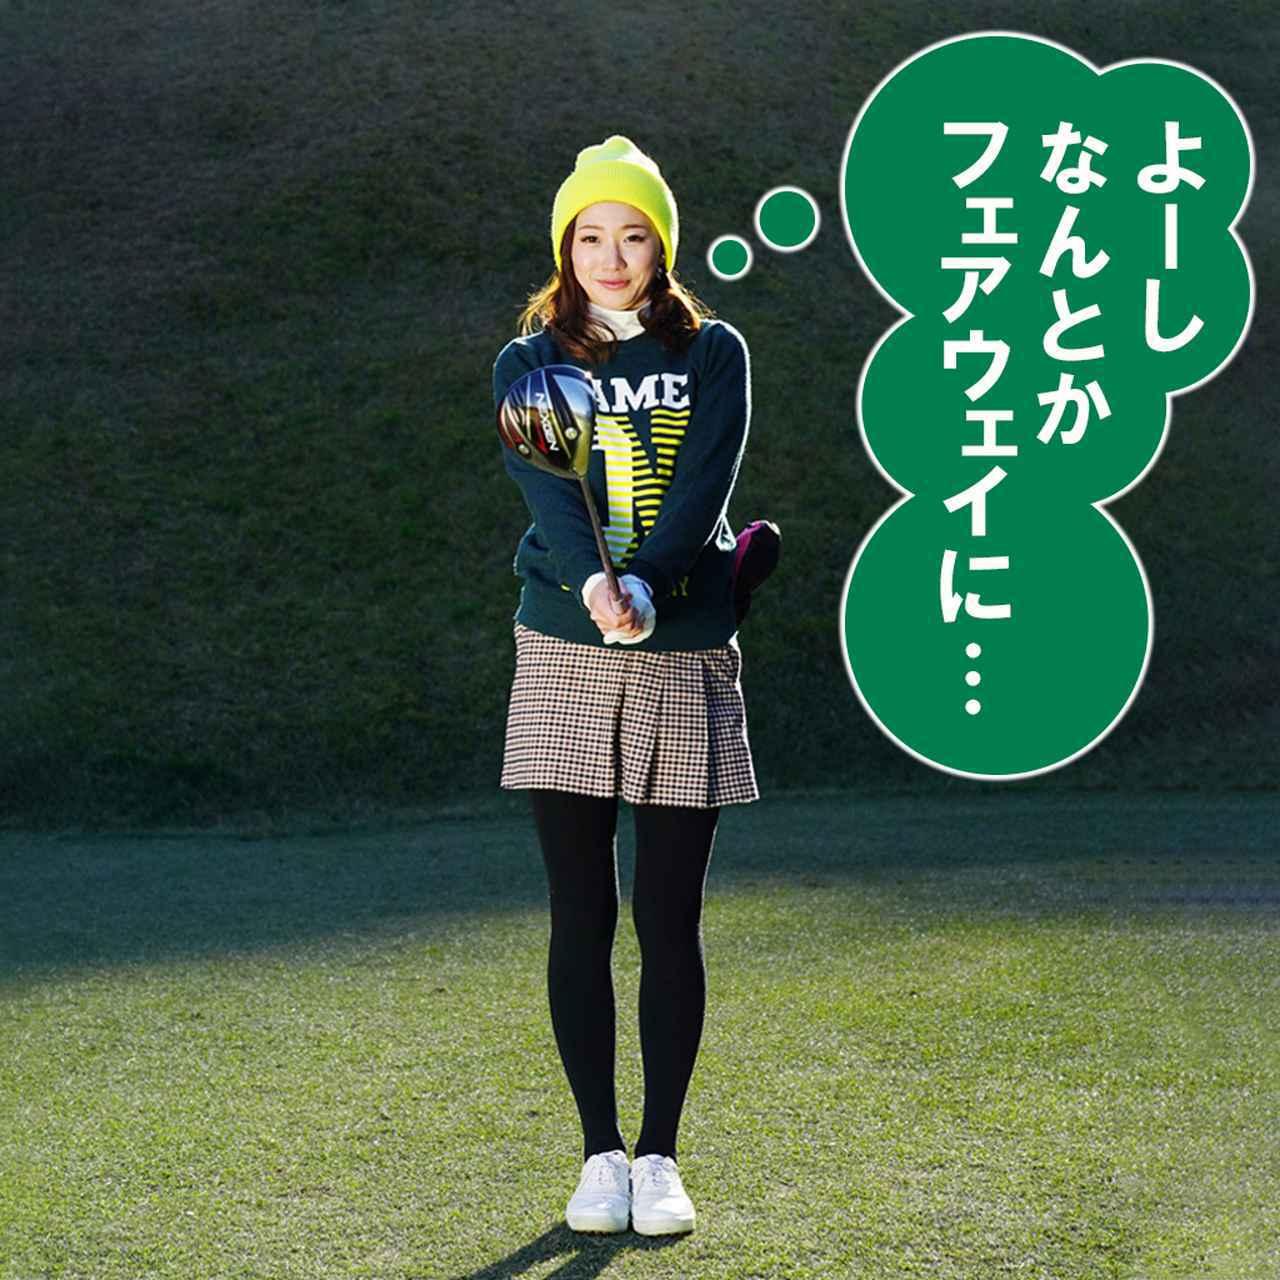 画像1: 【新ルール】ワッグルでティからボールがポロリ。これって罰あり? なし?